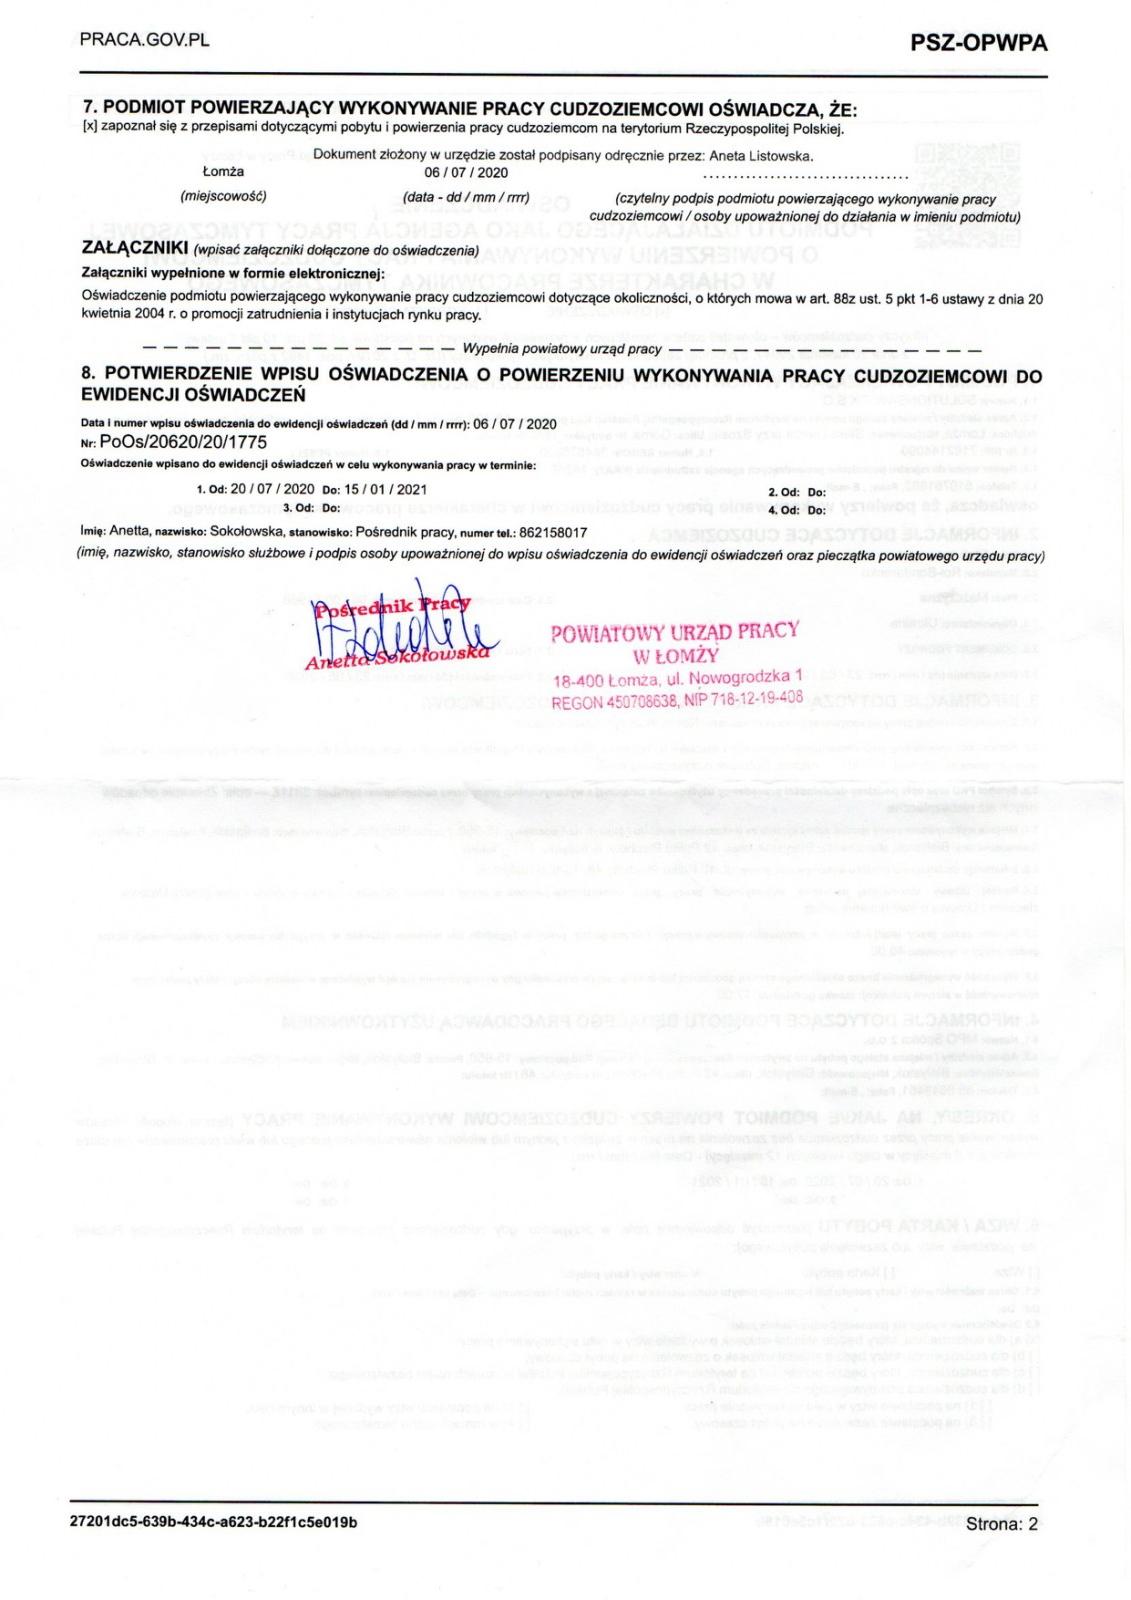 Рабочее приглашение в Польшу 2021: сроки, цена, образец